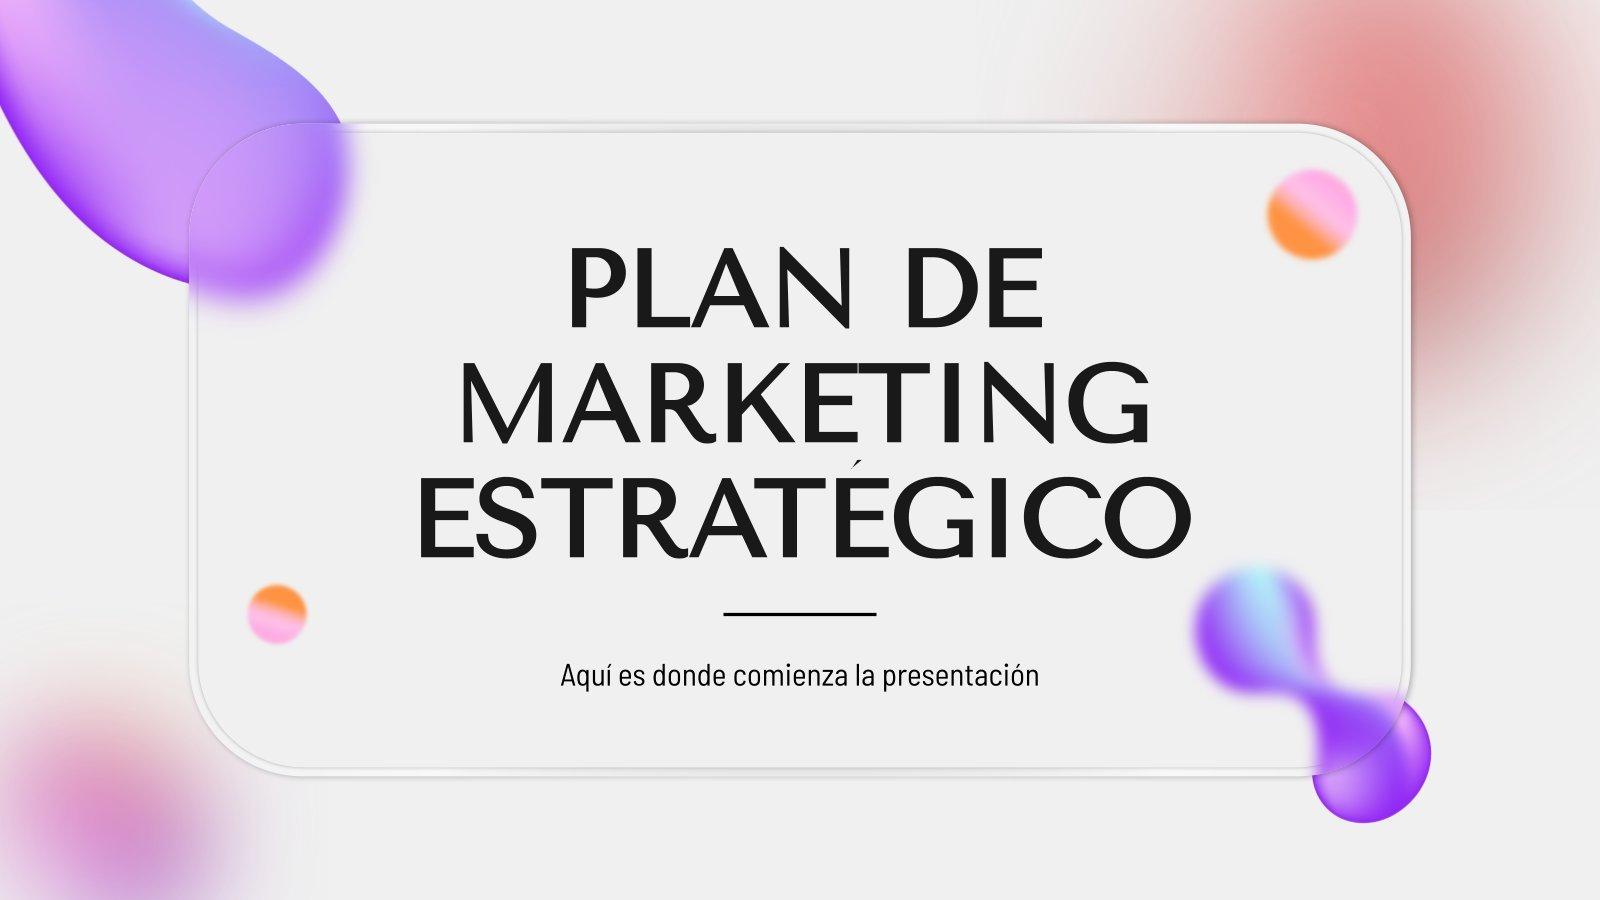 Plan de Marketing Estratégico presentation template